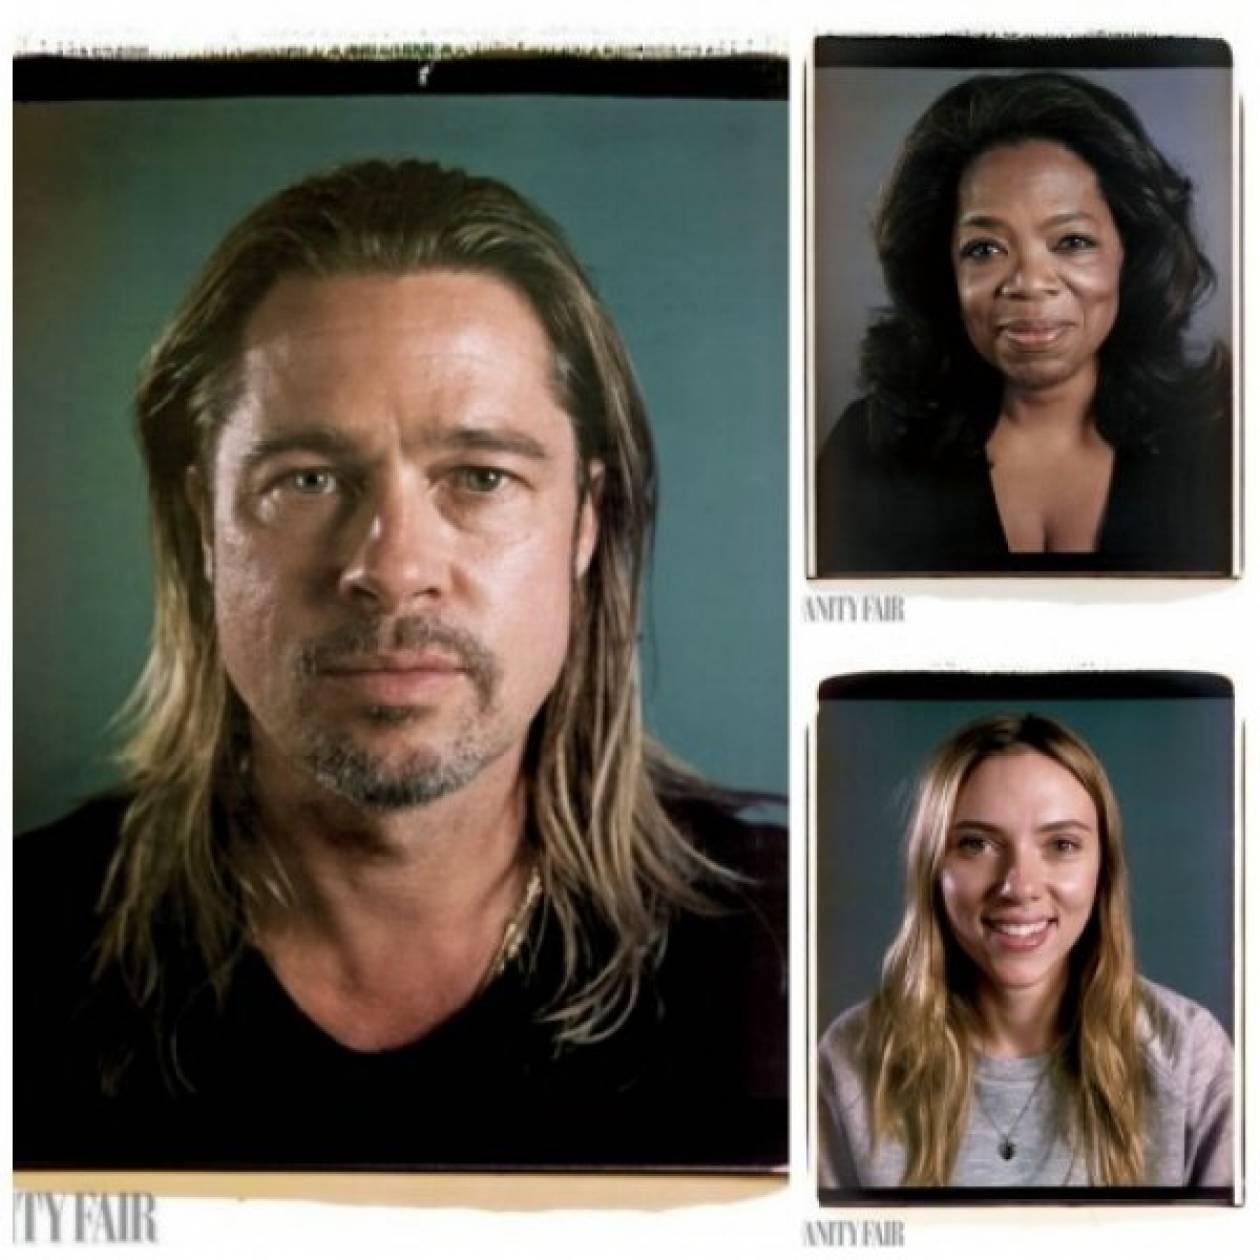 O Chuck Close φωτογραφίζει 20 σταρ του Hollywood όπως πραγματικά είναι